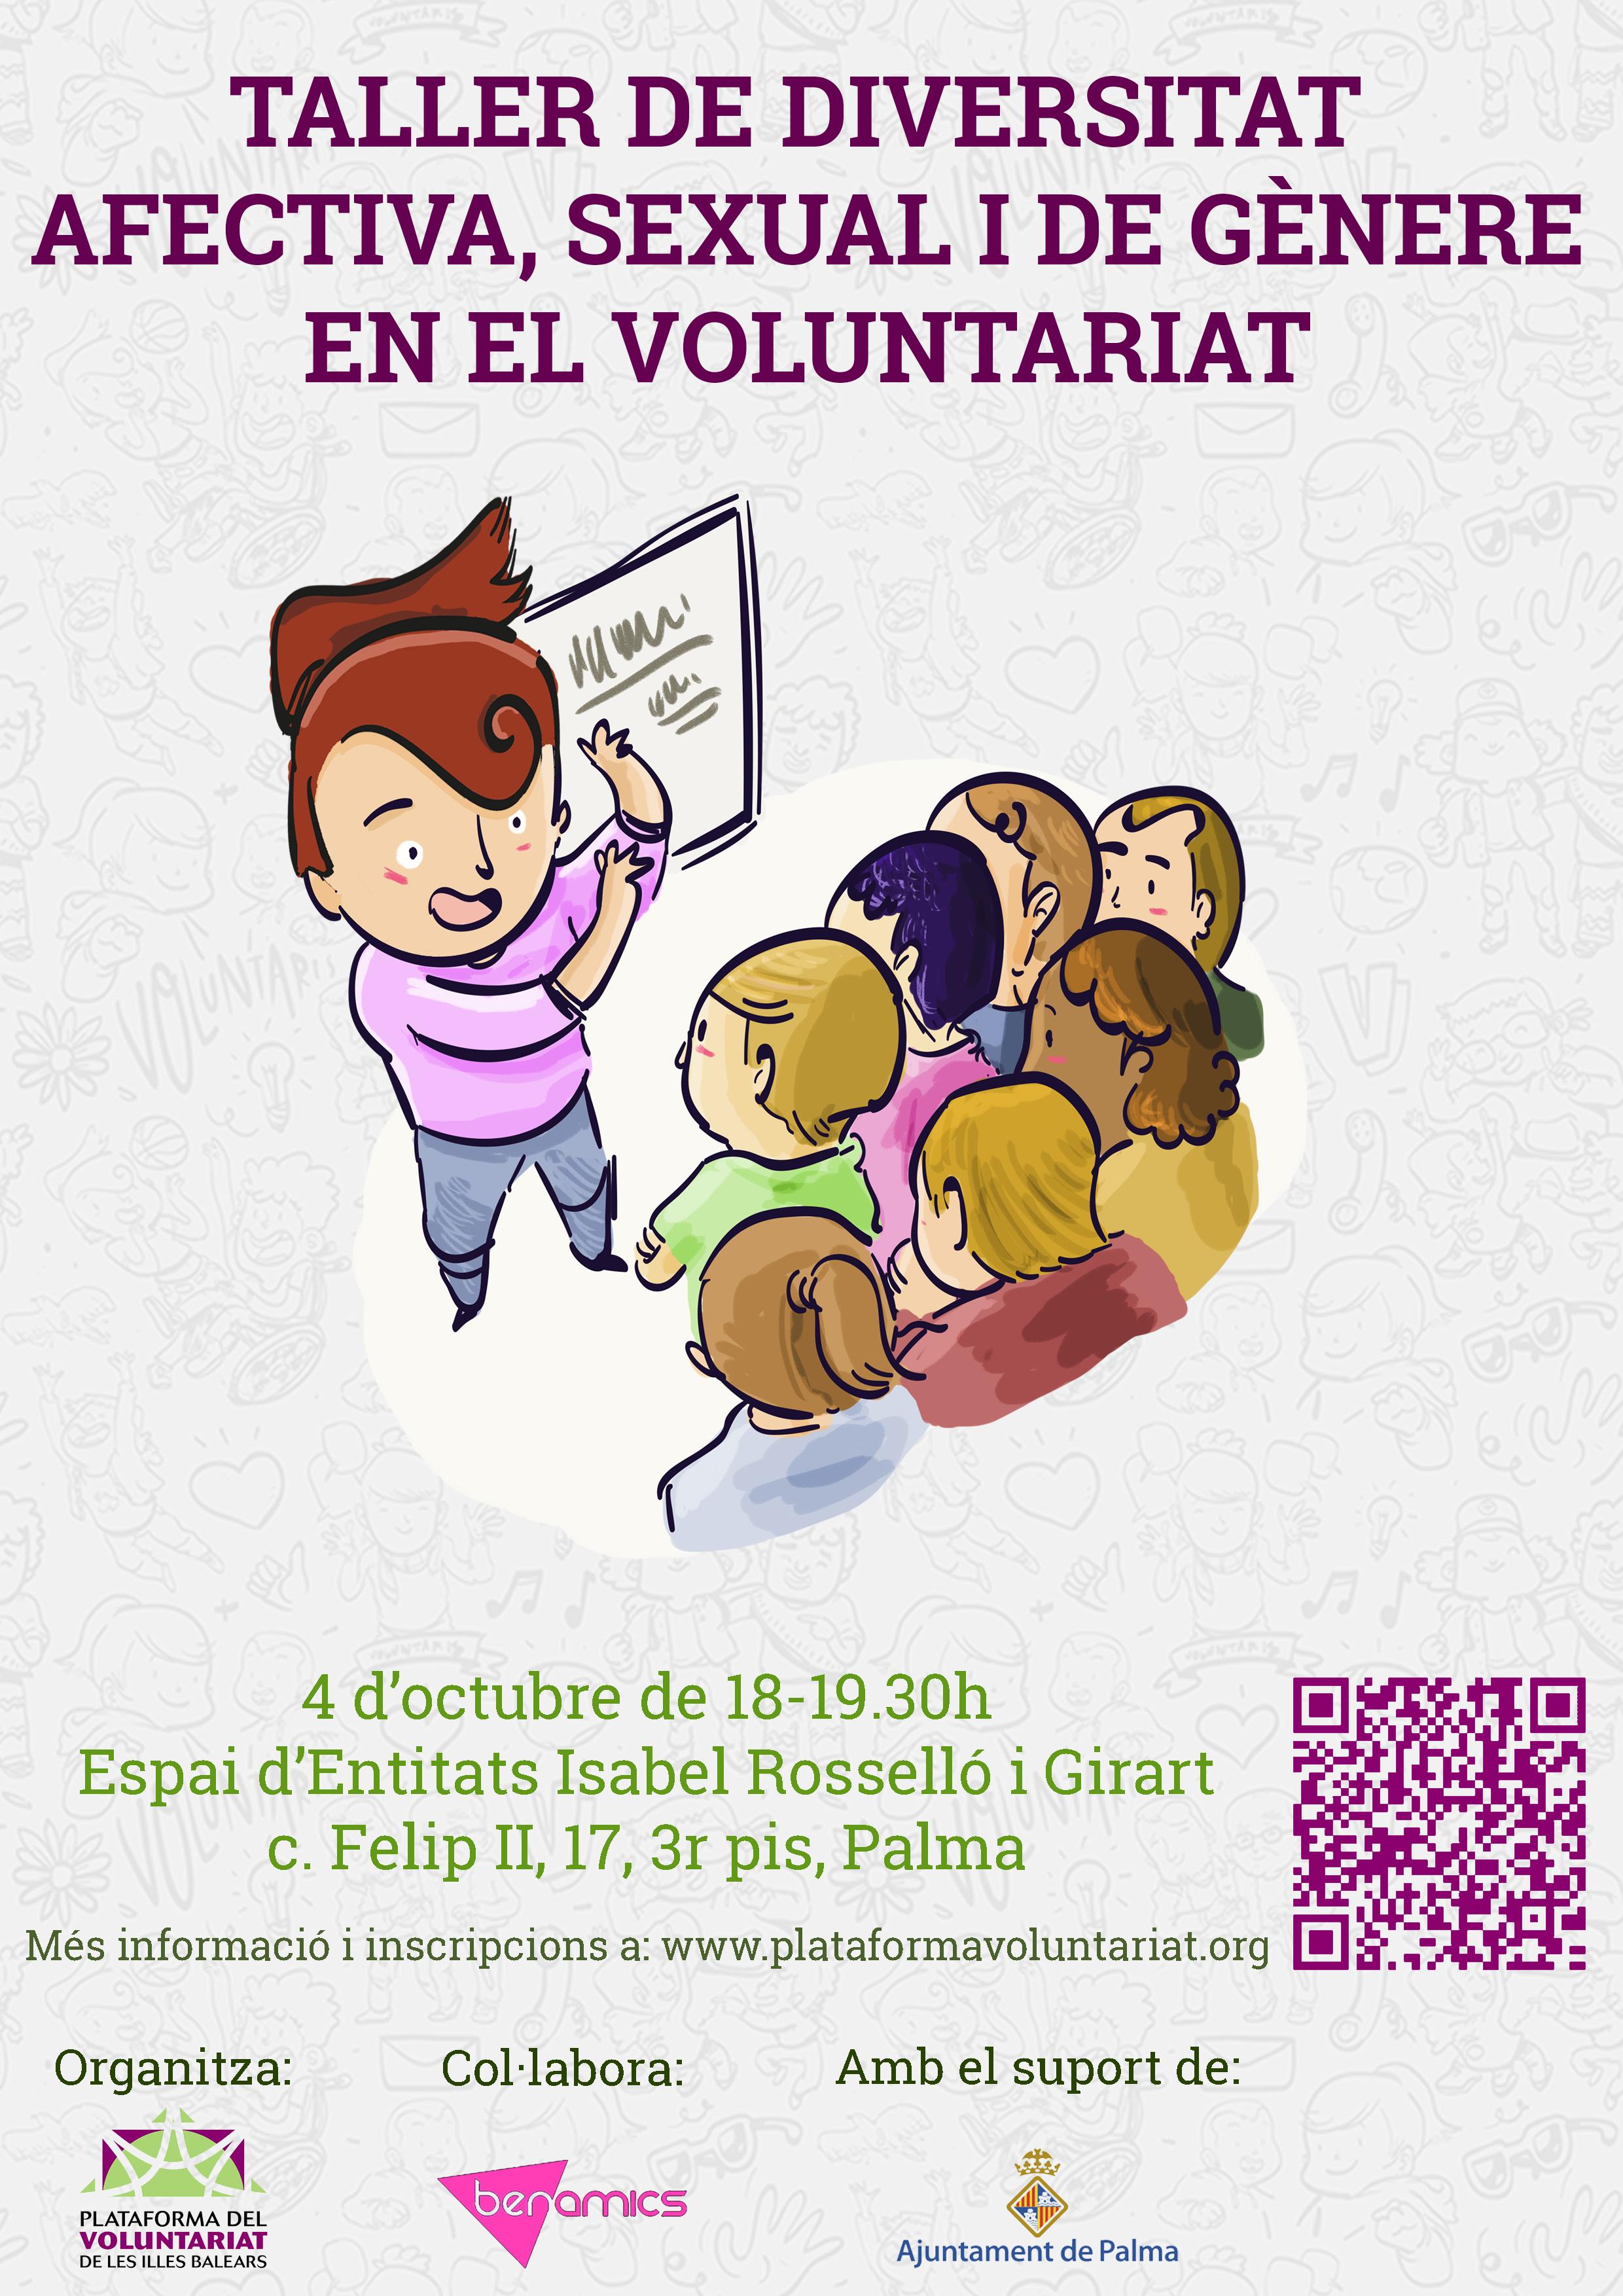 Taller de Diversidad afectiva, Sexual y de Género al Voluntariado